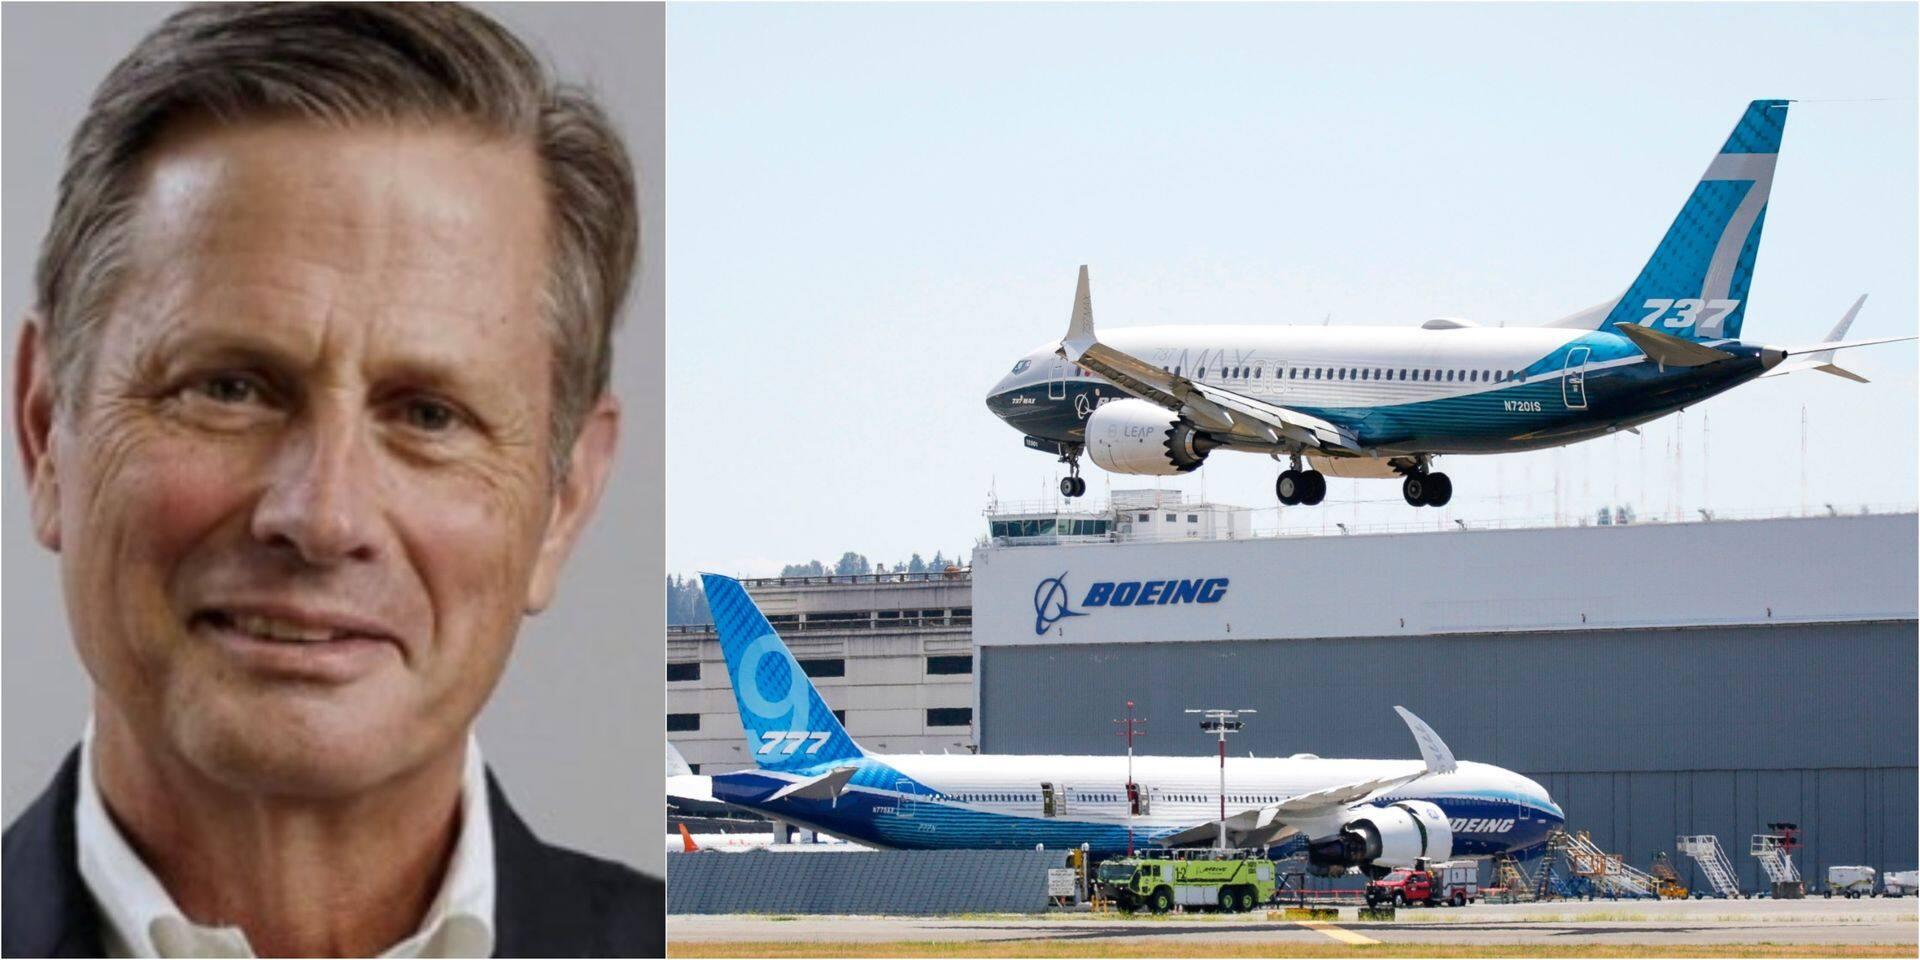 Chargé de la communication chez Boeing, il démissionne pour un texte écrit en ... 1987